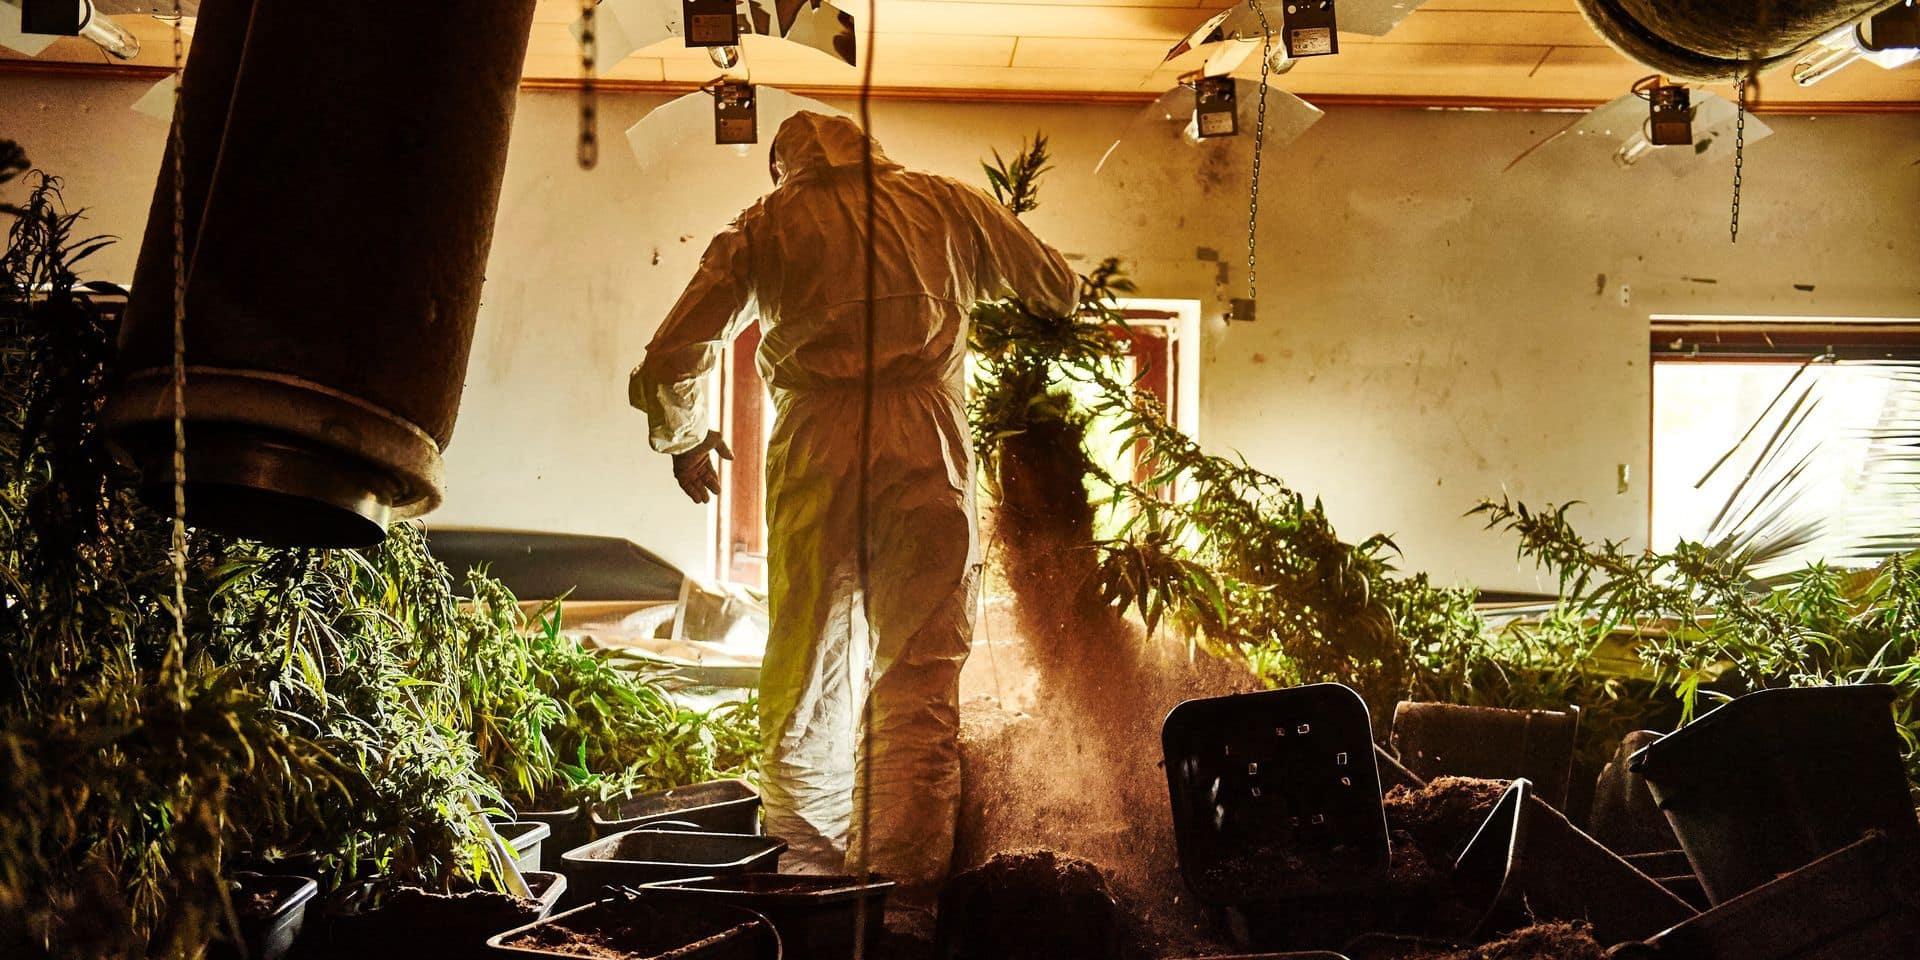 Il cultivait 1.400 plants de cannabis à Beauvechain